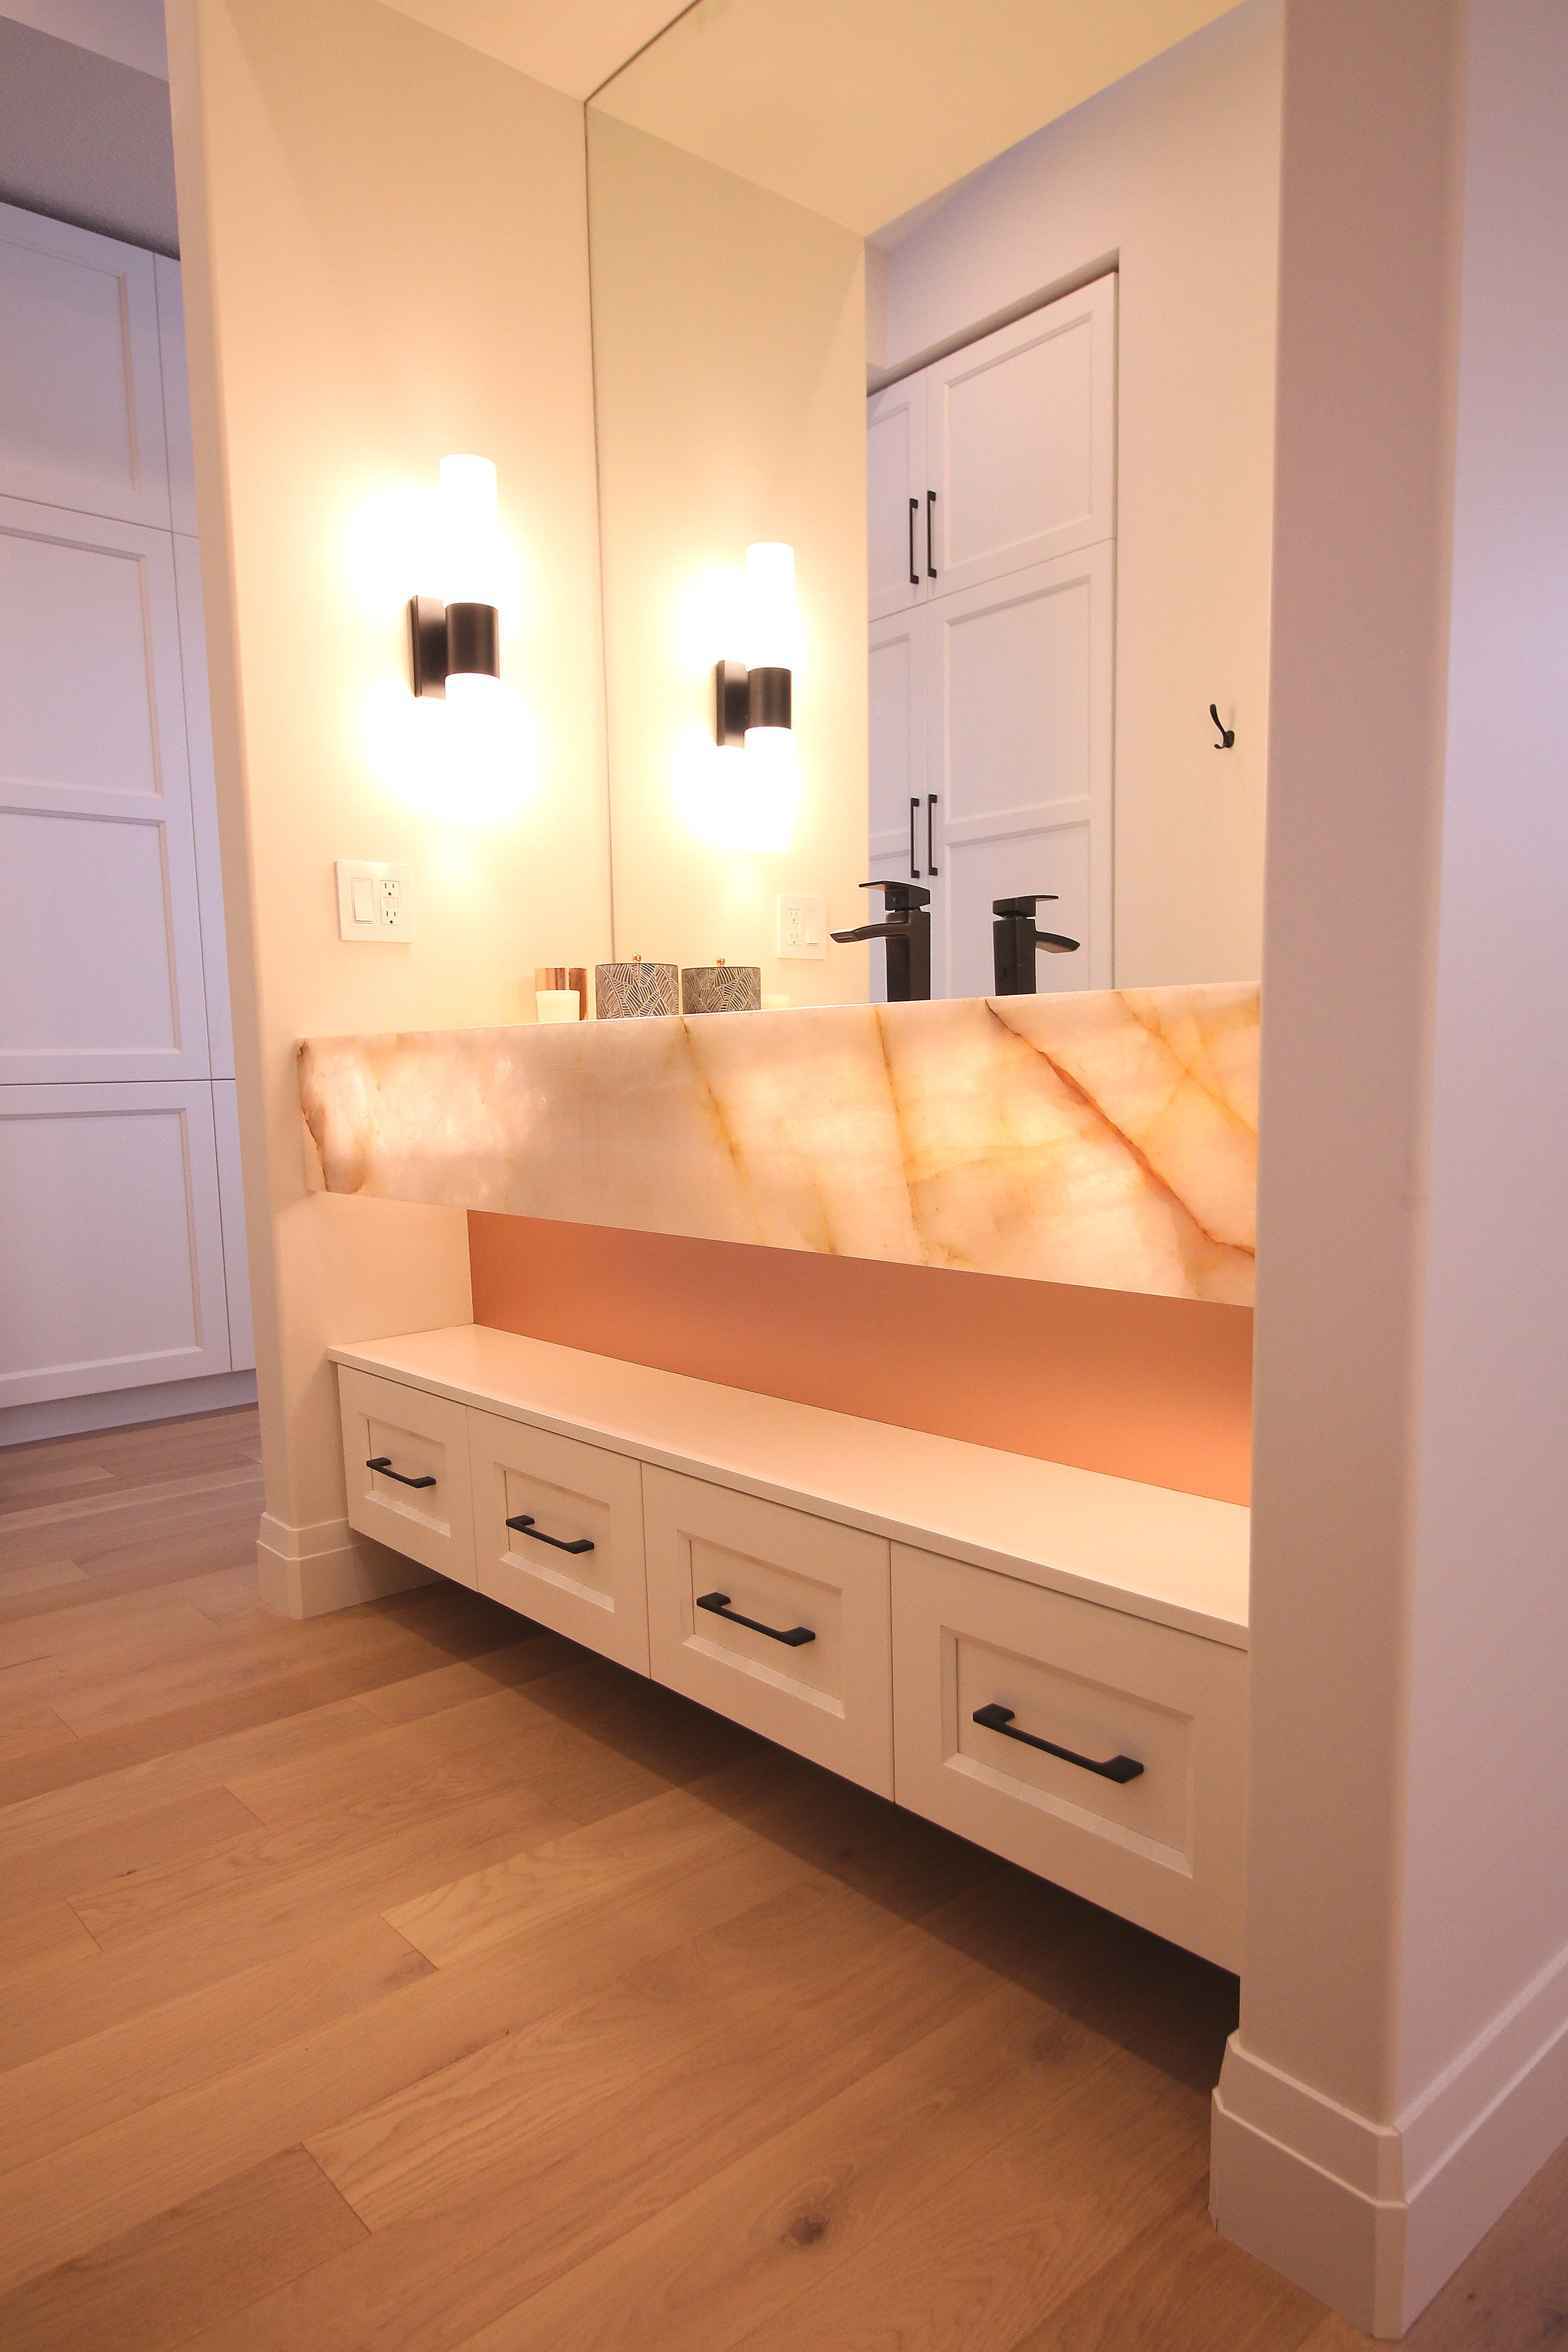 White shaker cabinets, quartzite